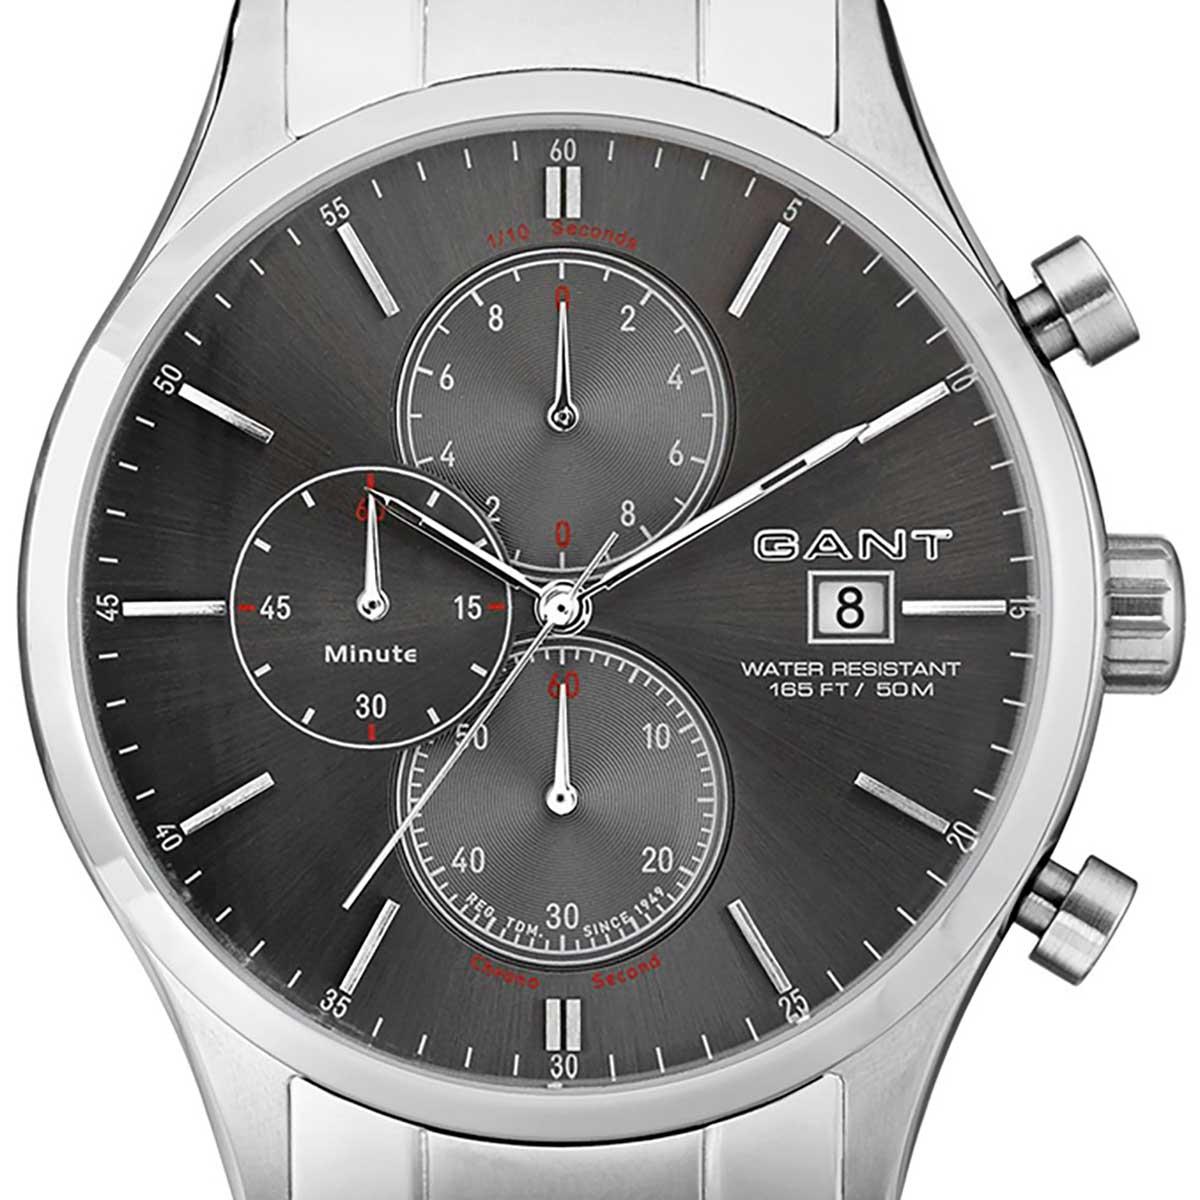 【残り1点】GANT ガント 電池式クォーツ 腕時計 [W70404] 並行輸入品 クロノグラフ